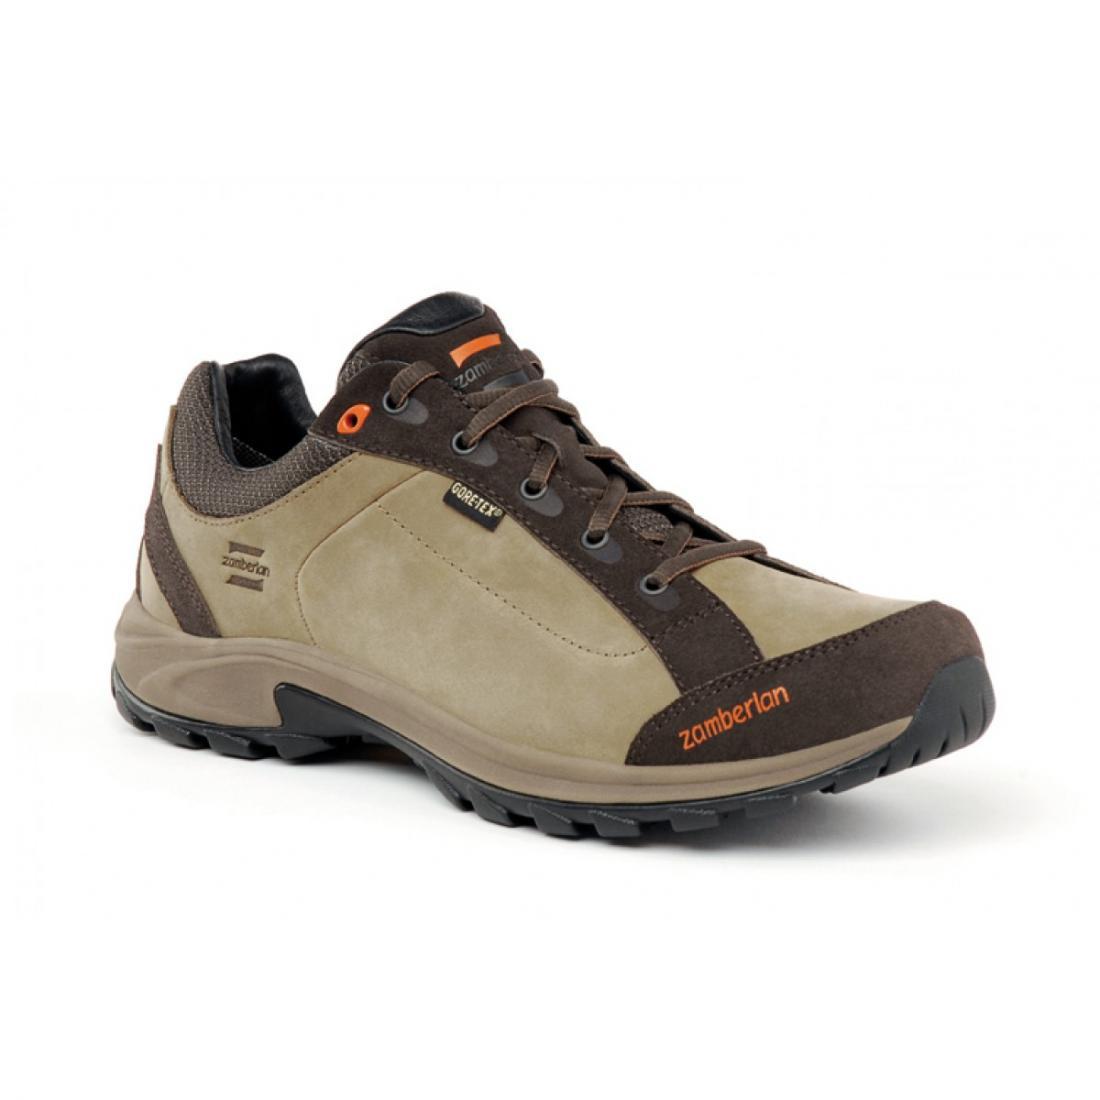 Ботинки 241 VISTA GTXТреккинговые<br><br><br>Цвет: Коричневый<br>Размер: 45